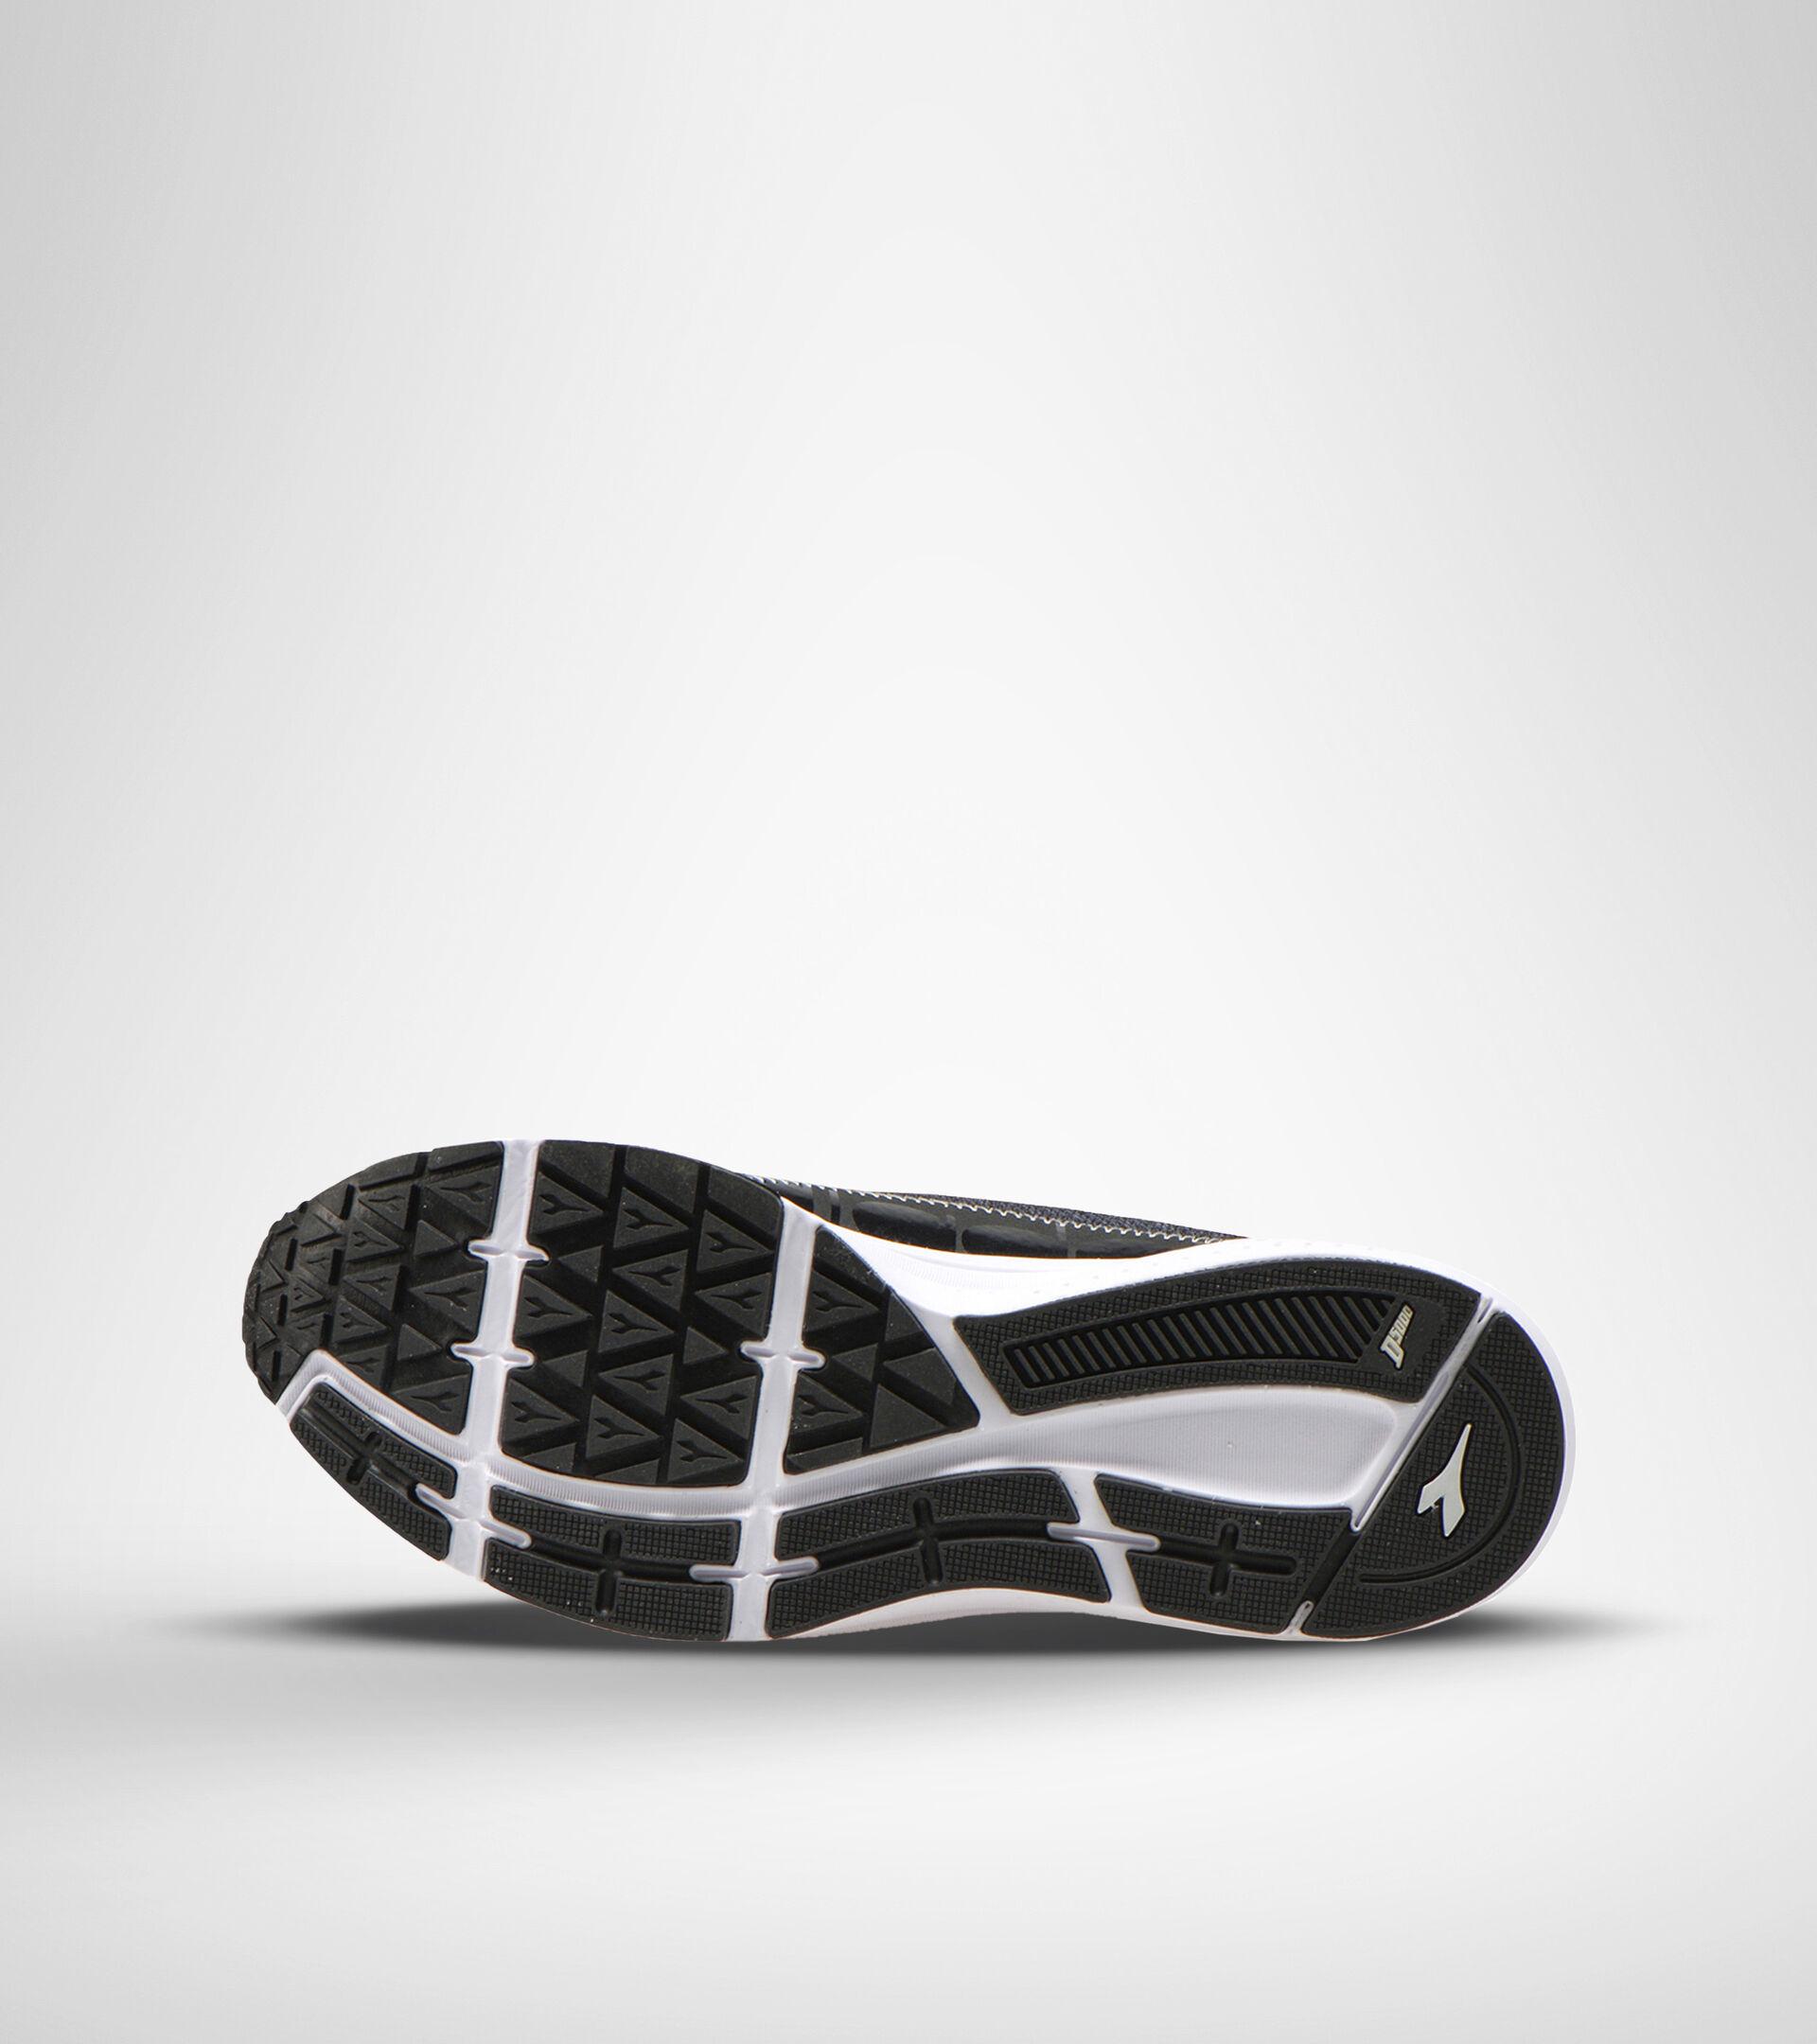 Chaussures de running - Femme KURUKA 5 W NOIR/ARGENT - Diadora